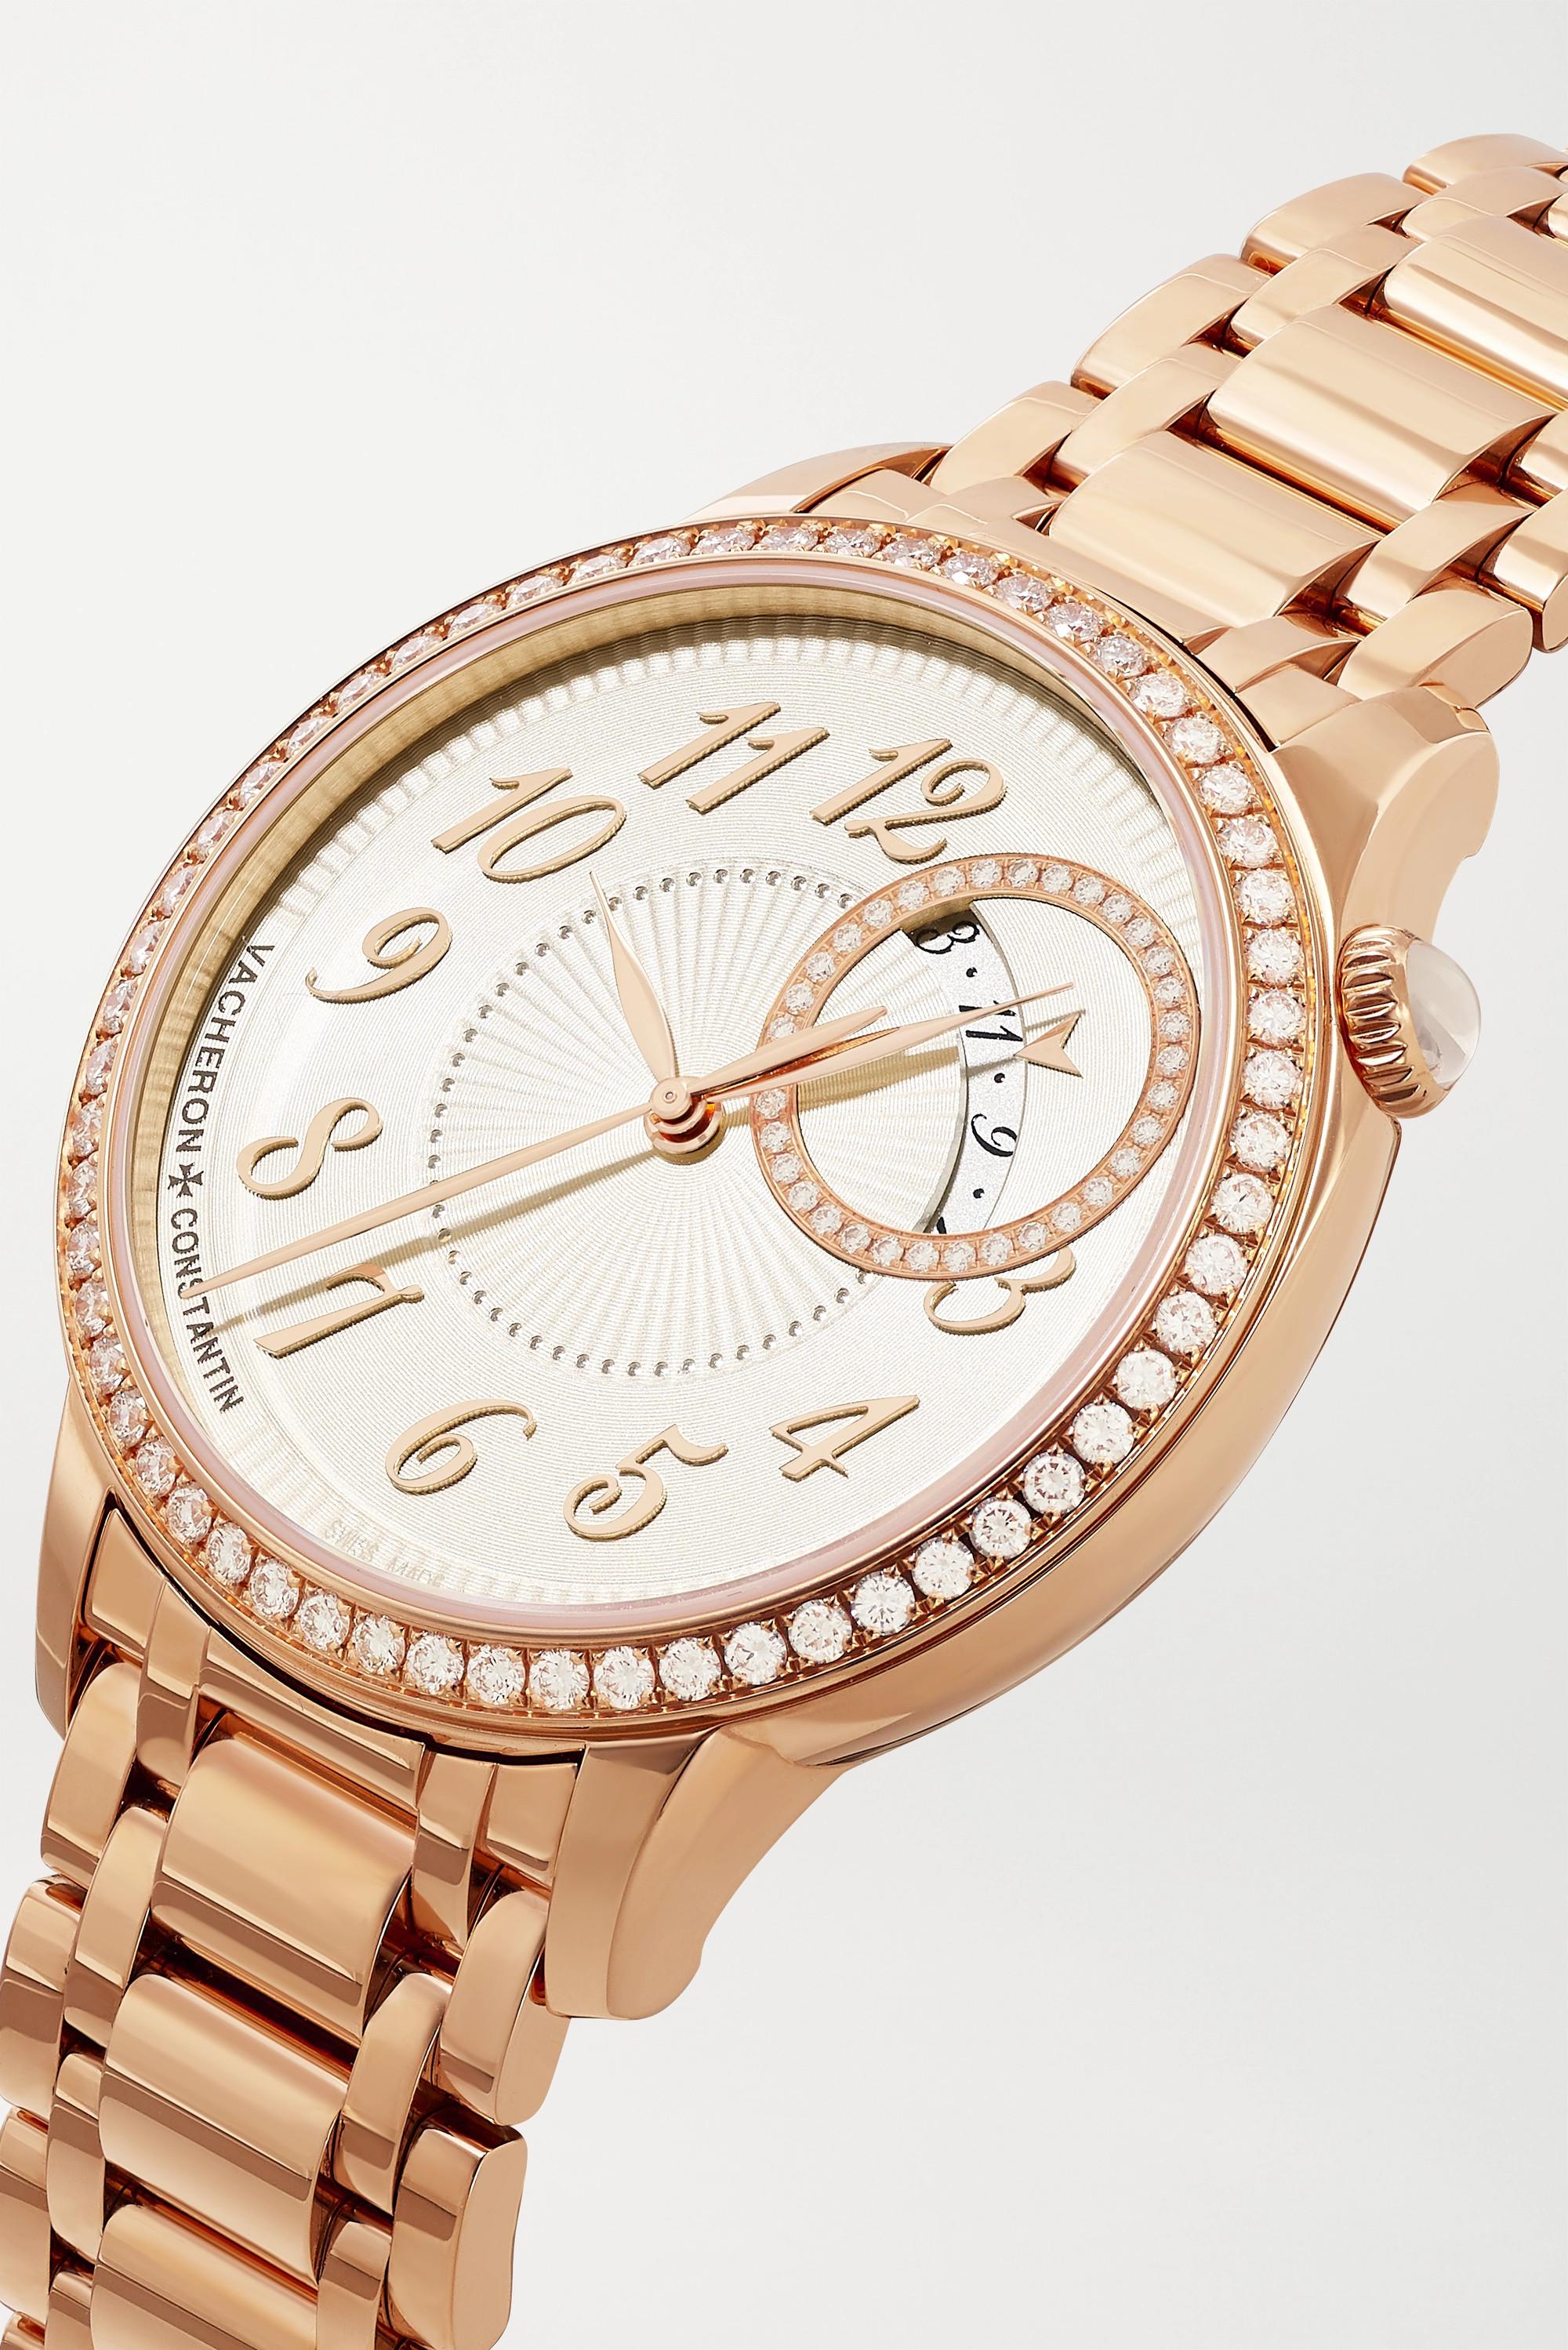 Vacheron Constantin Egérie Automatic 35 mm Uhr aus 18 Karat Gold mit Diamanten